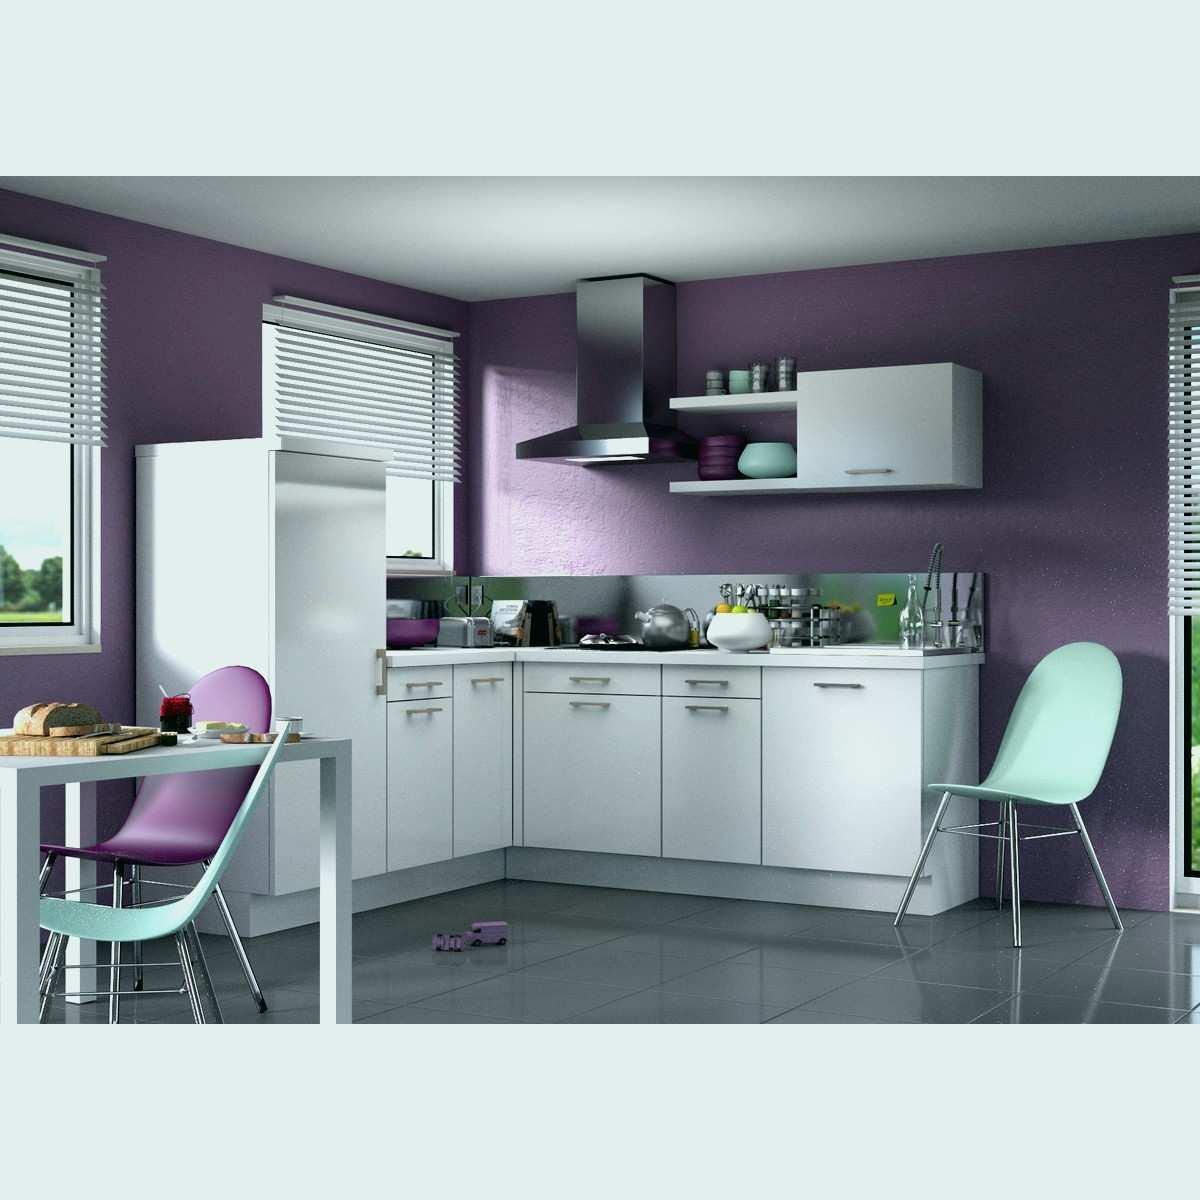 Petite cuisine d\'angle pas cher - Atwebster.fr - Maison et mobilier